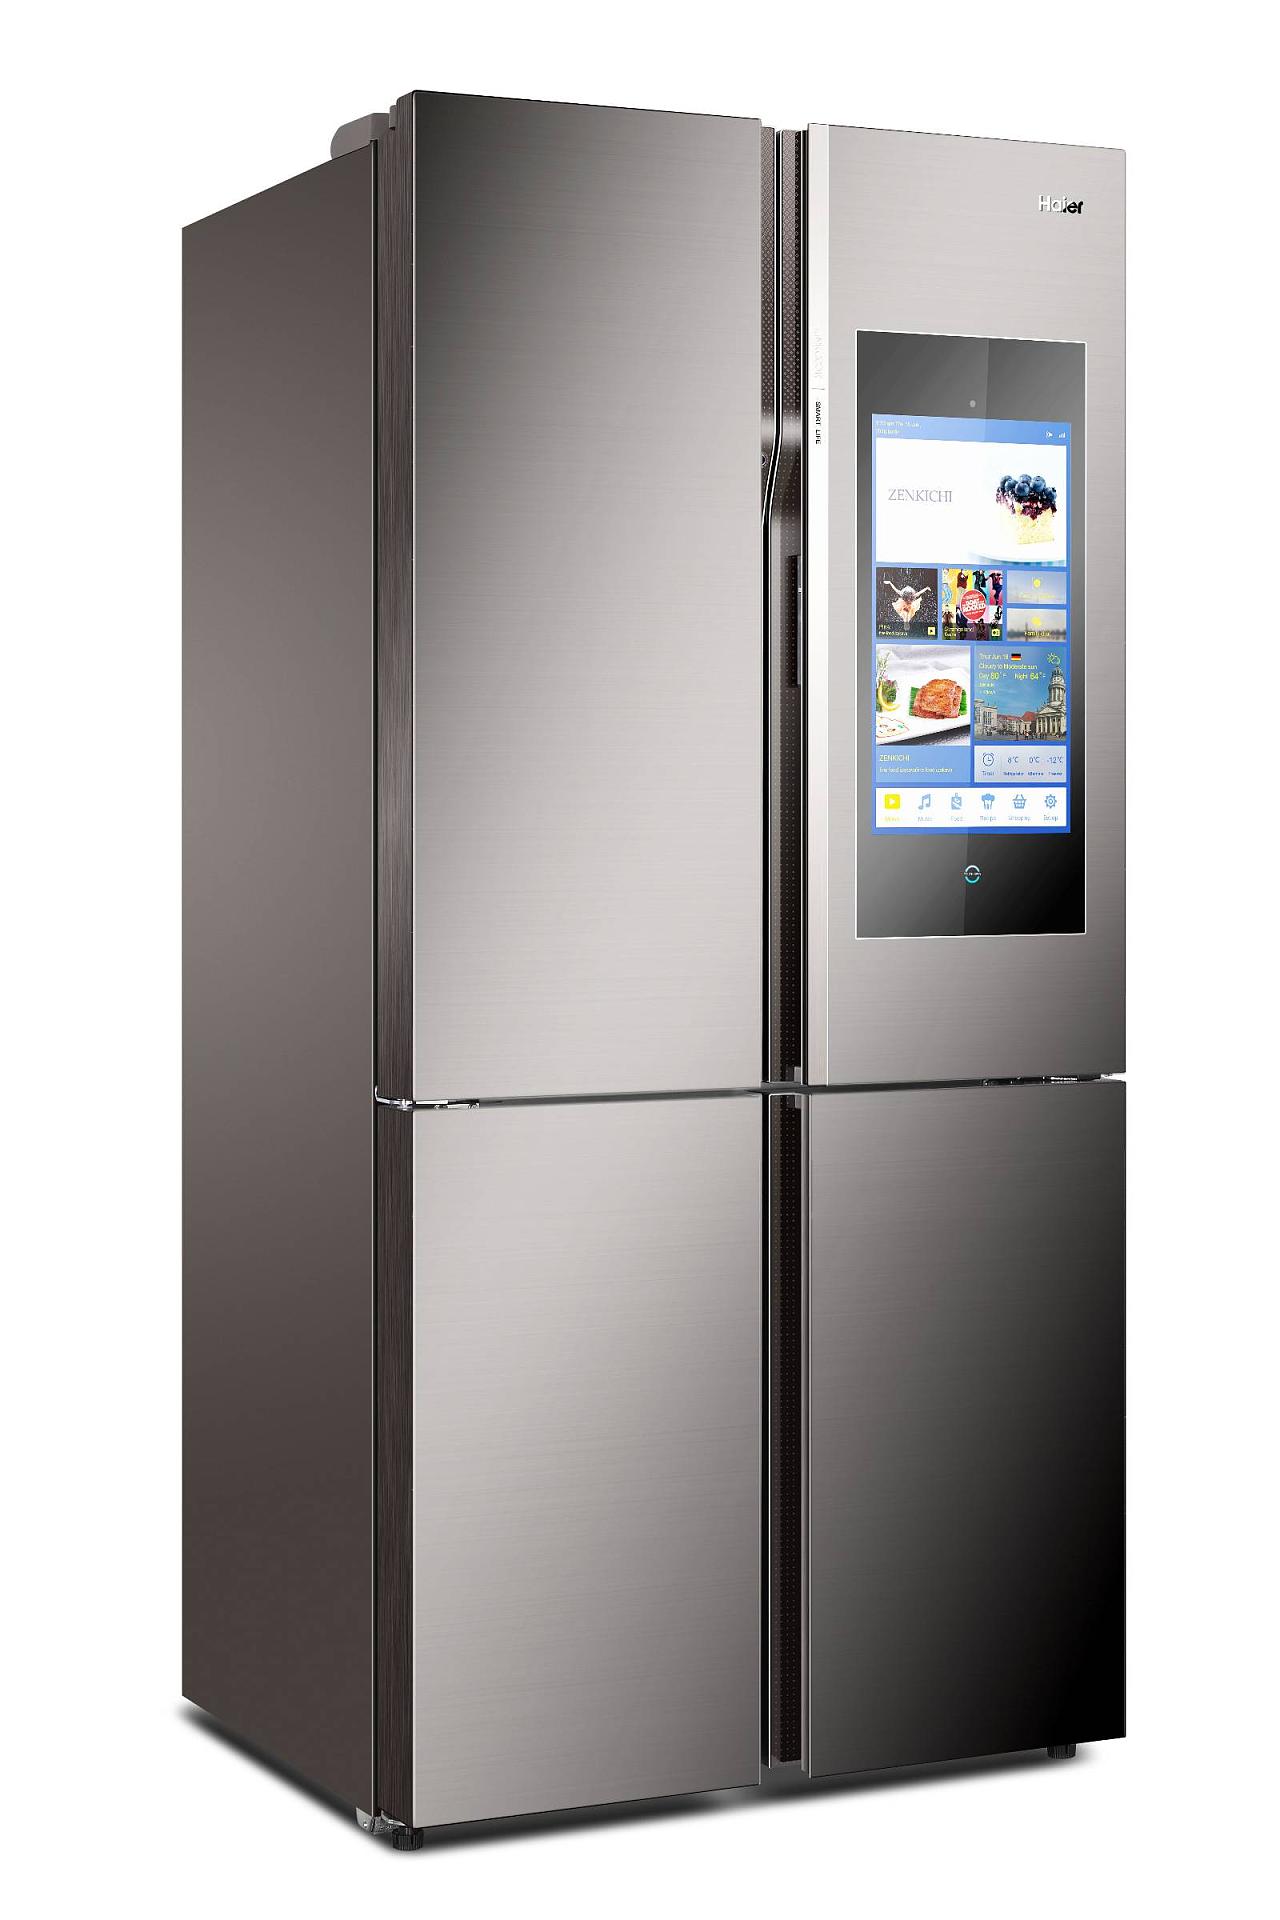 海尔馨厨智能冰箱 工业/产品 家具 成功设计平台图片